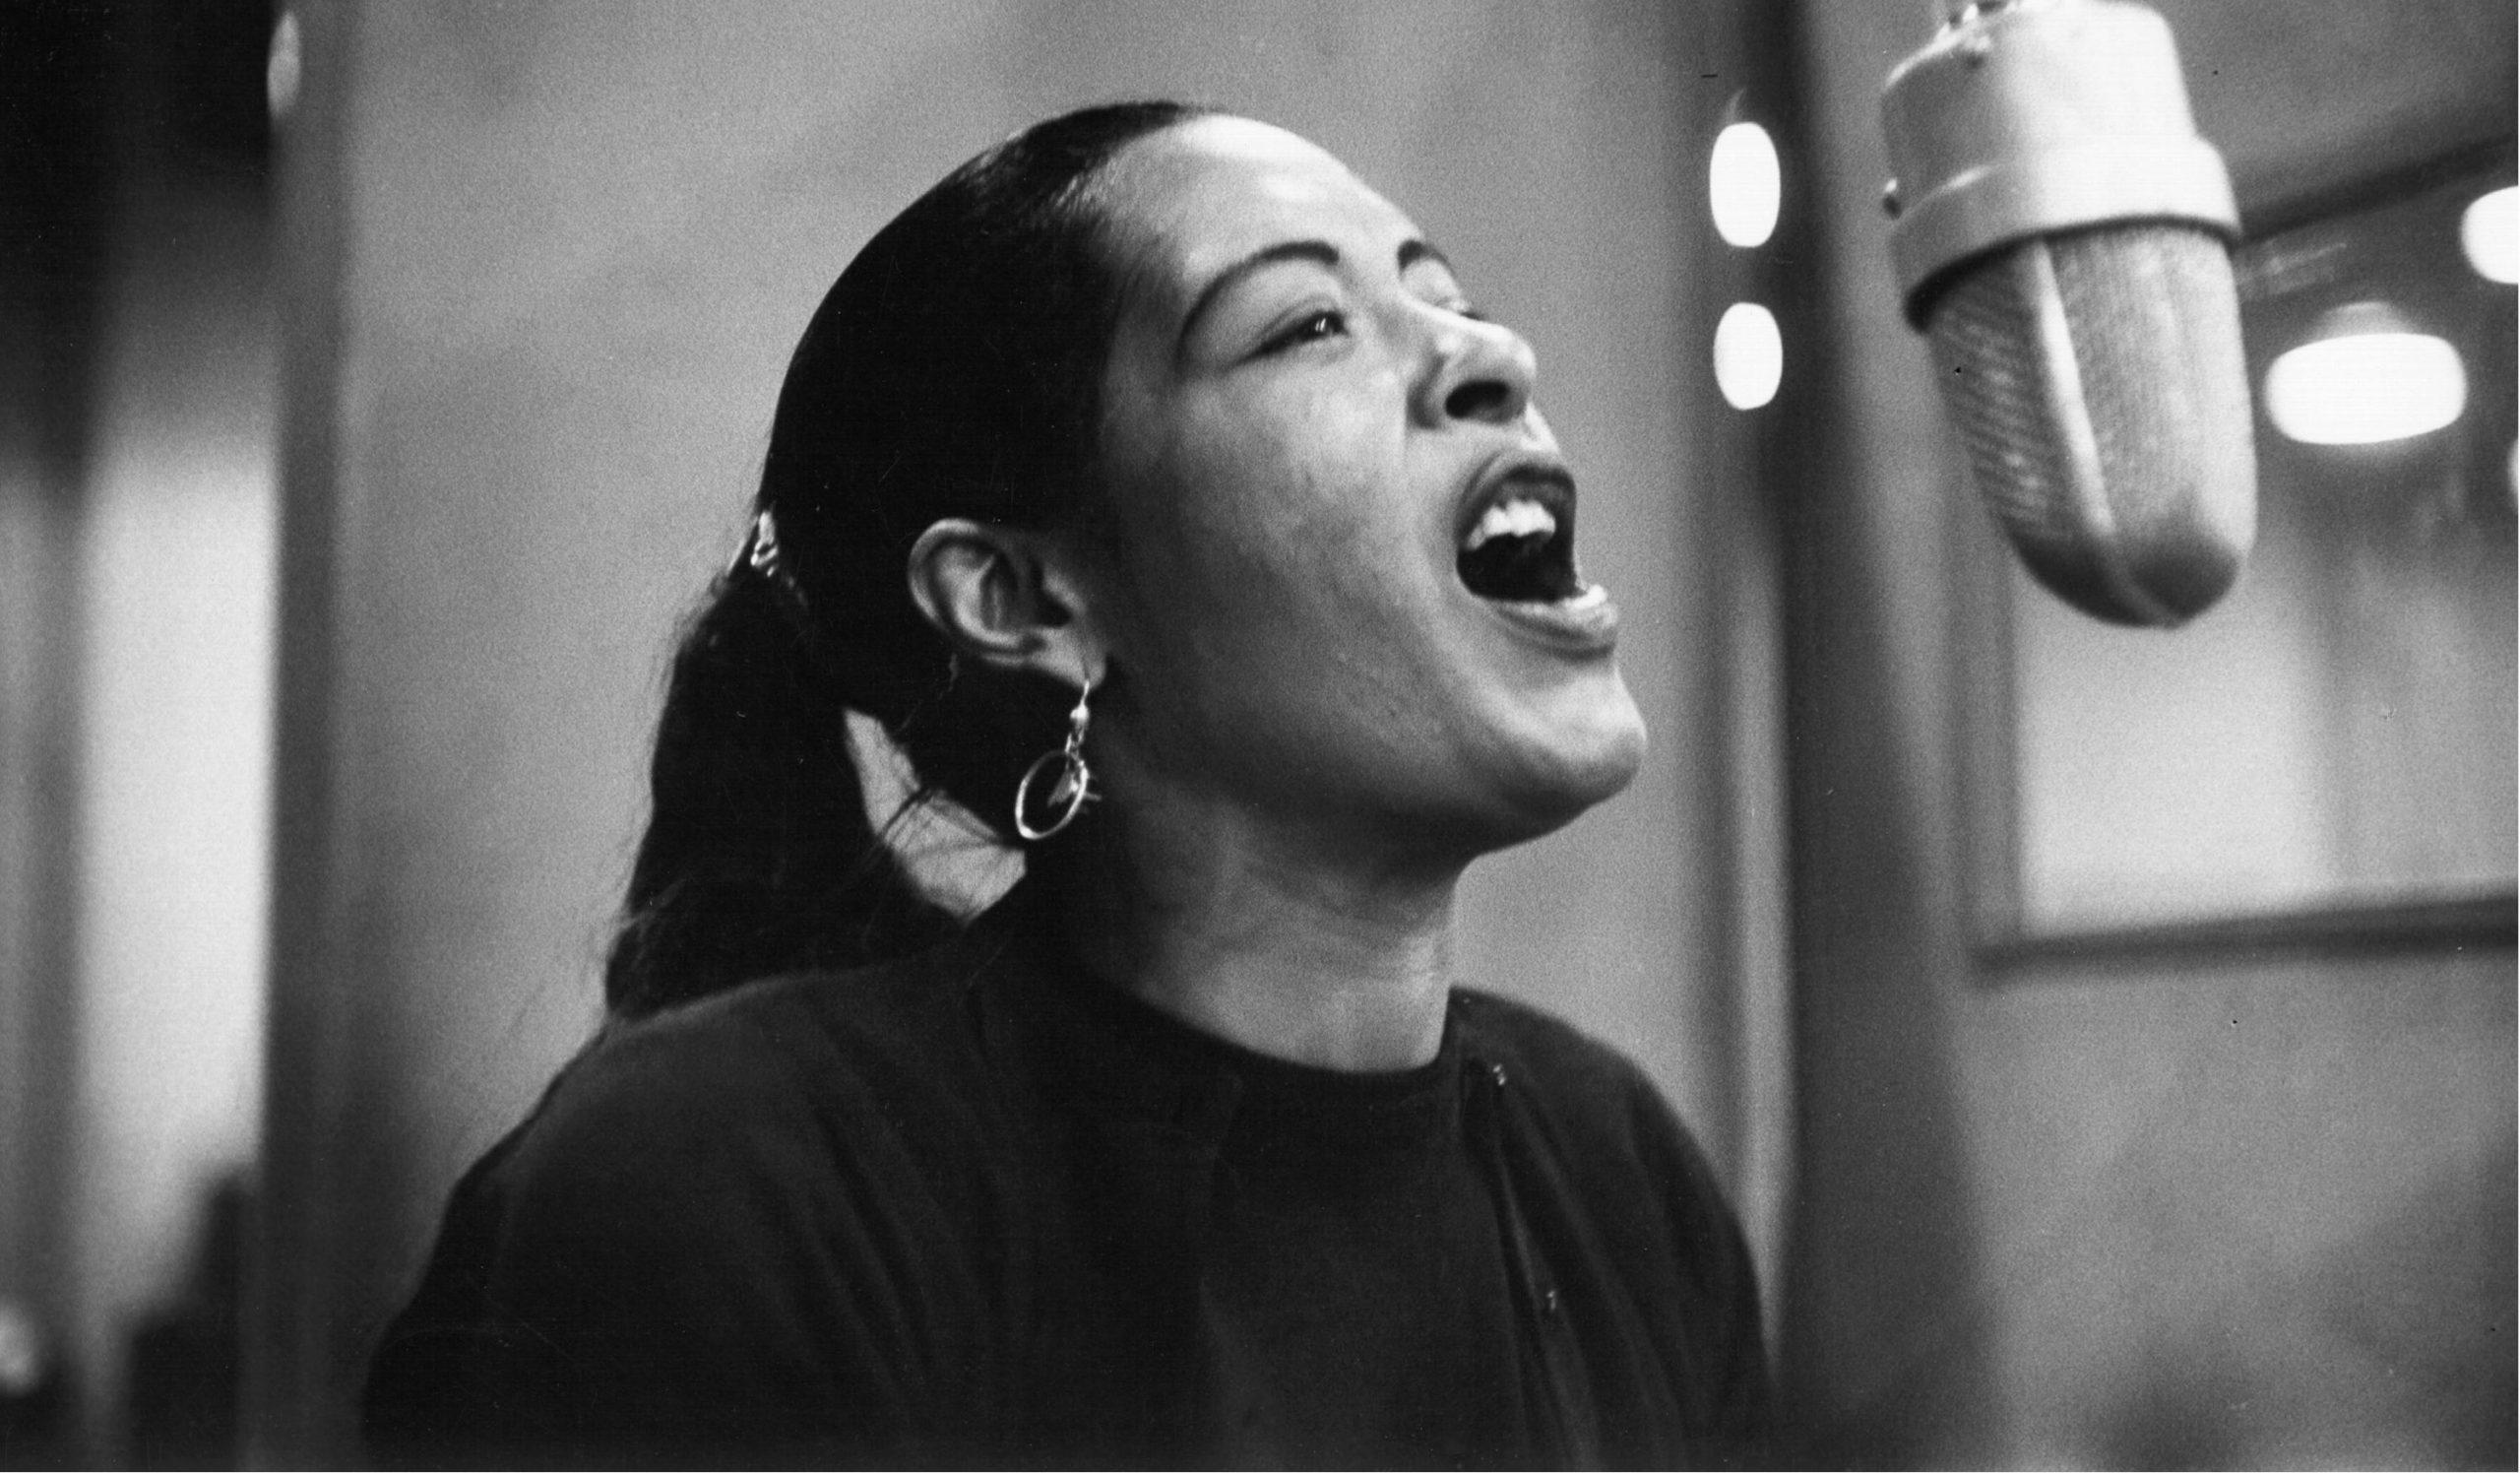 Nici prin gând nu mi-ar fi trecut că Billie Holiday a avut o asemenea viață